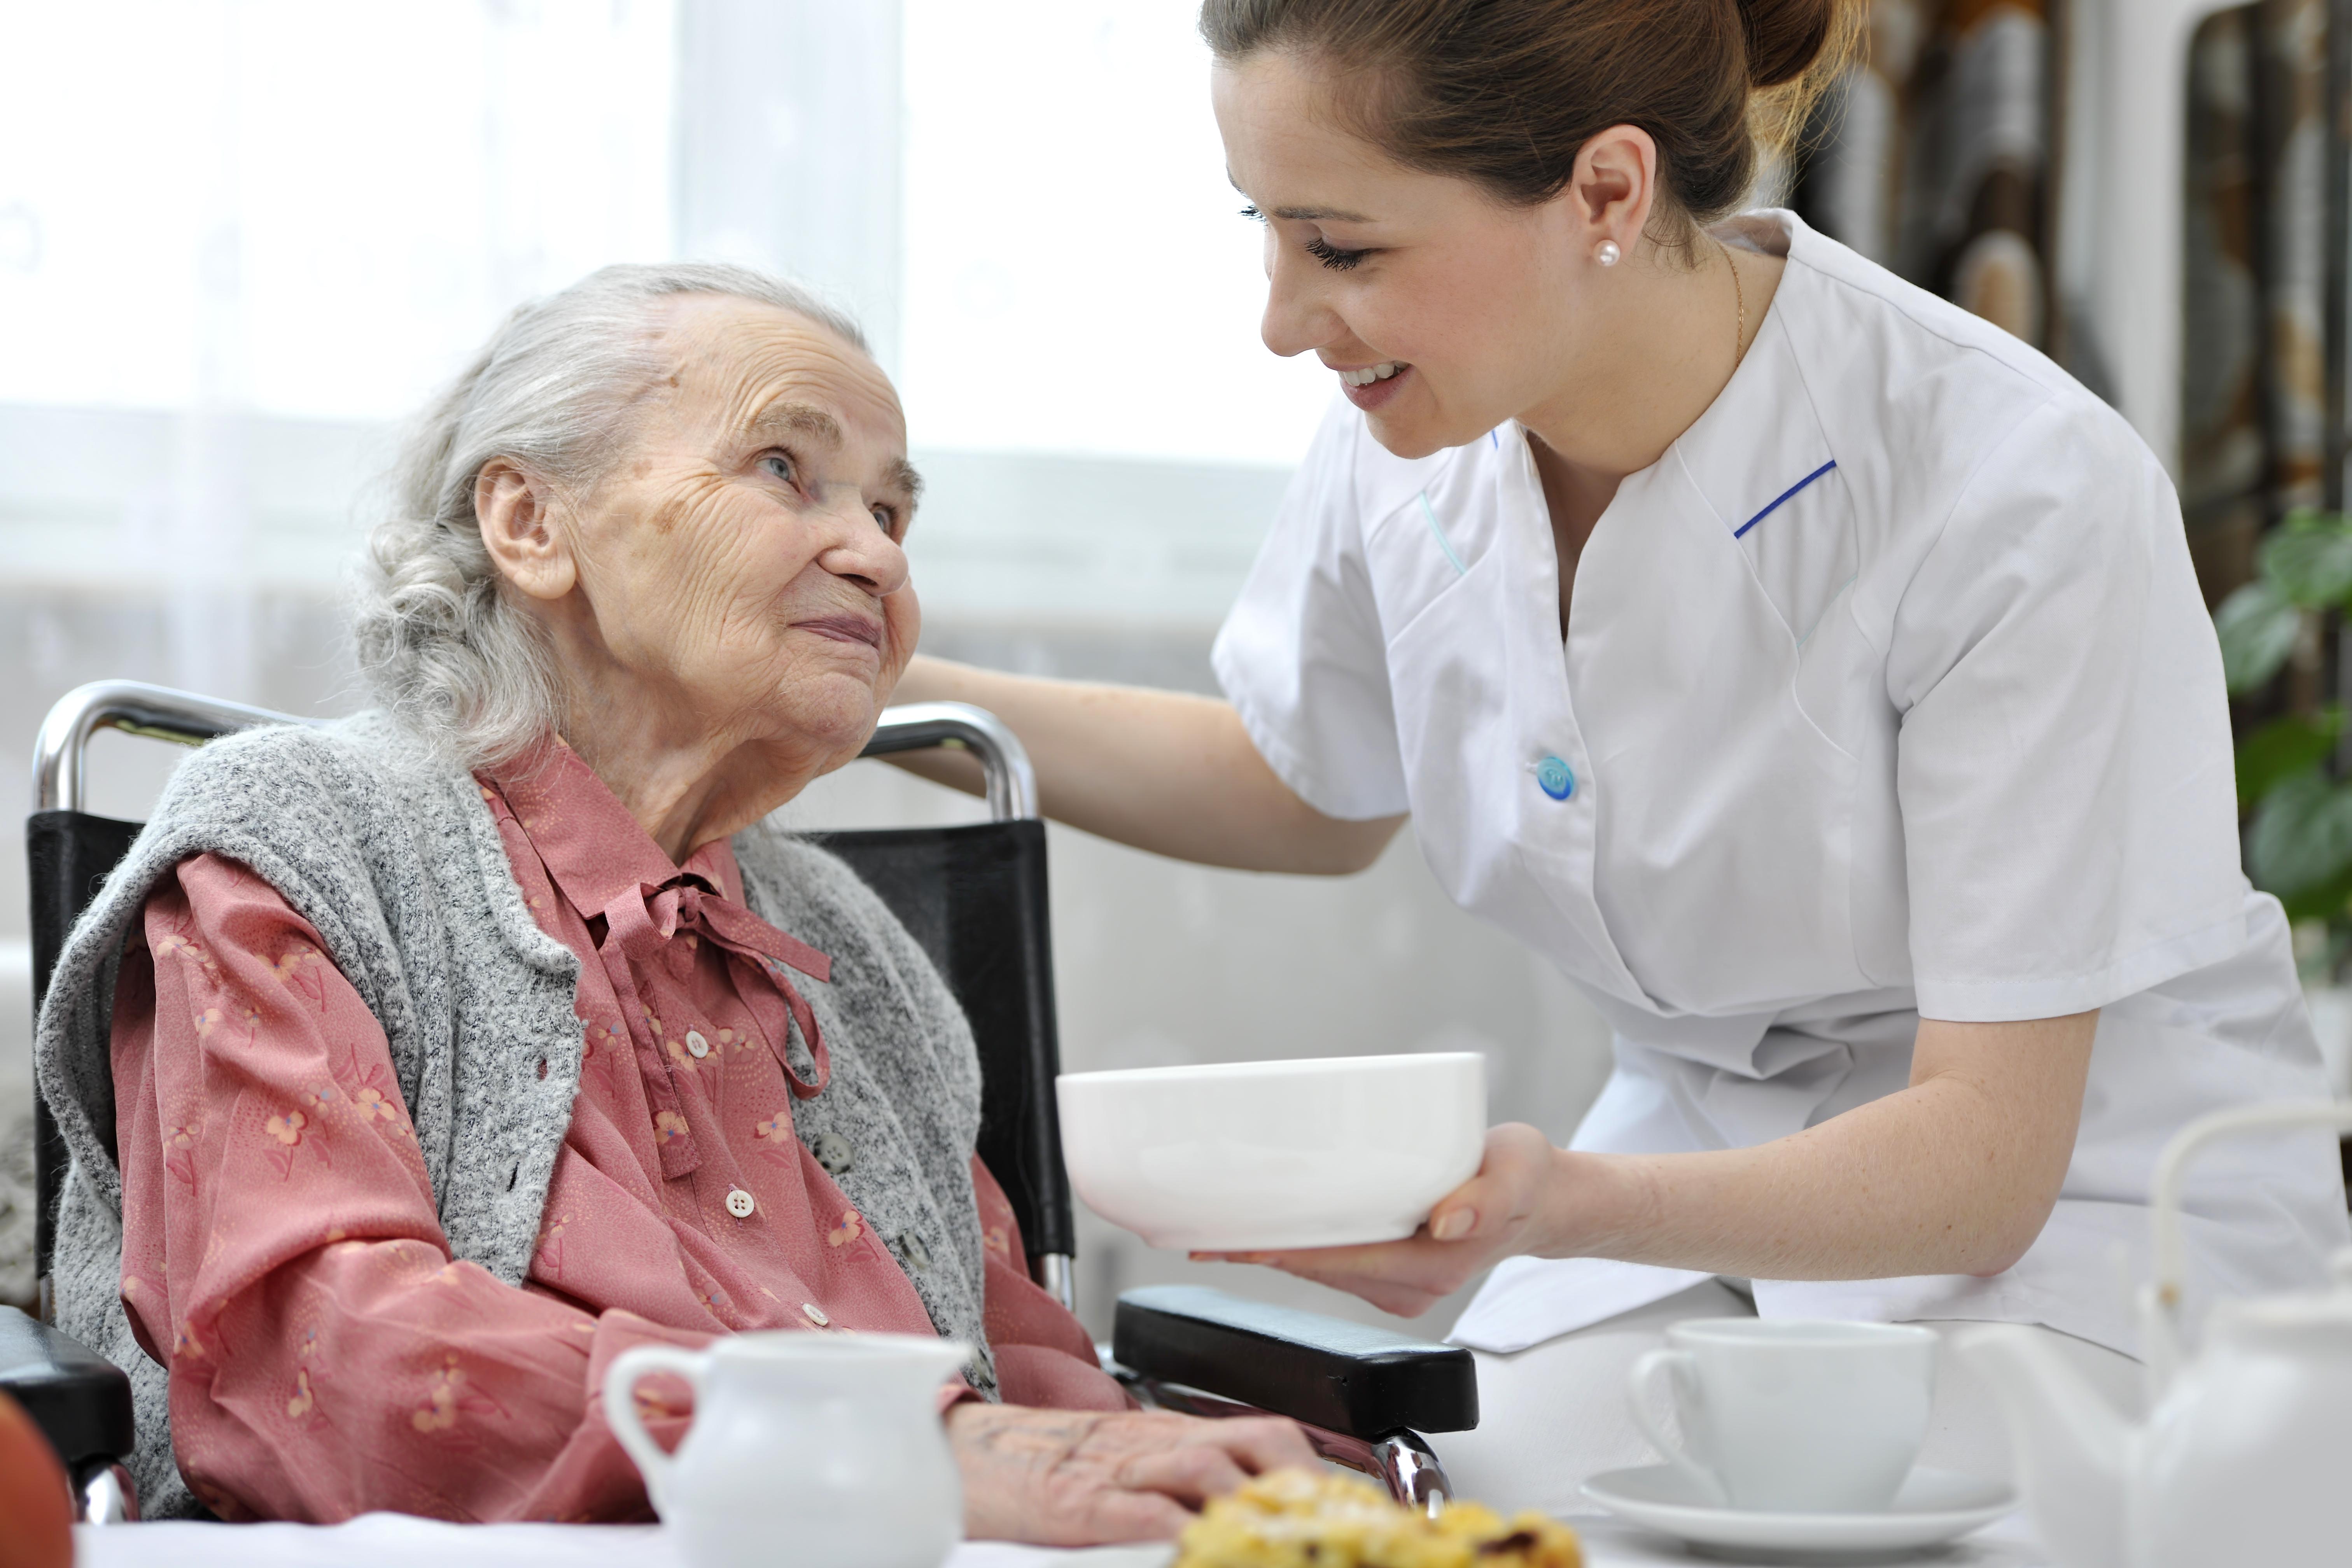 Faktorer som kan påverka aptiten är bland annat läkemedel, sjukdomar och försämrad smakförmåga.